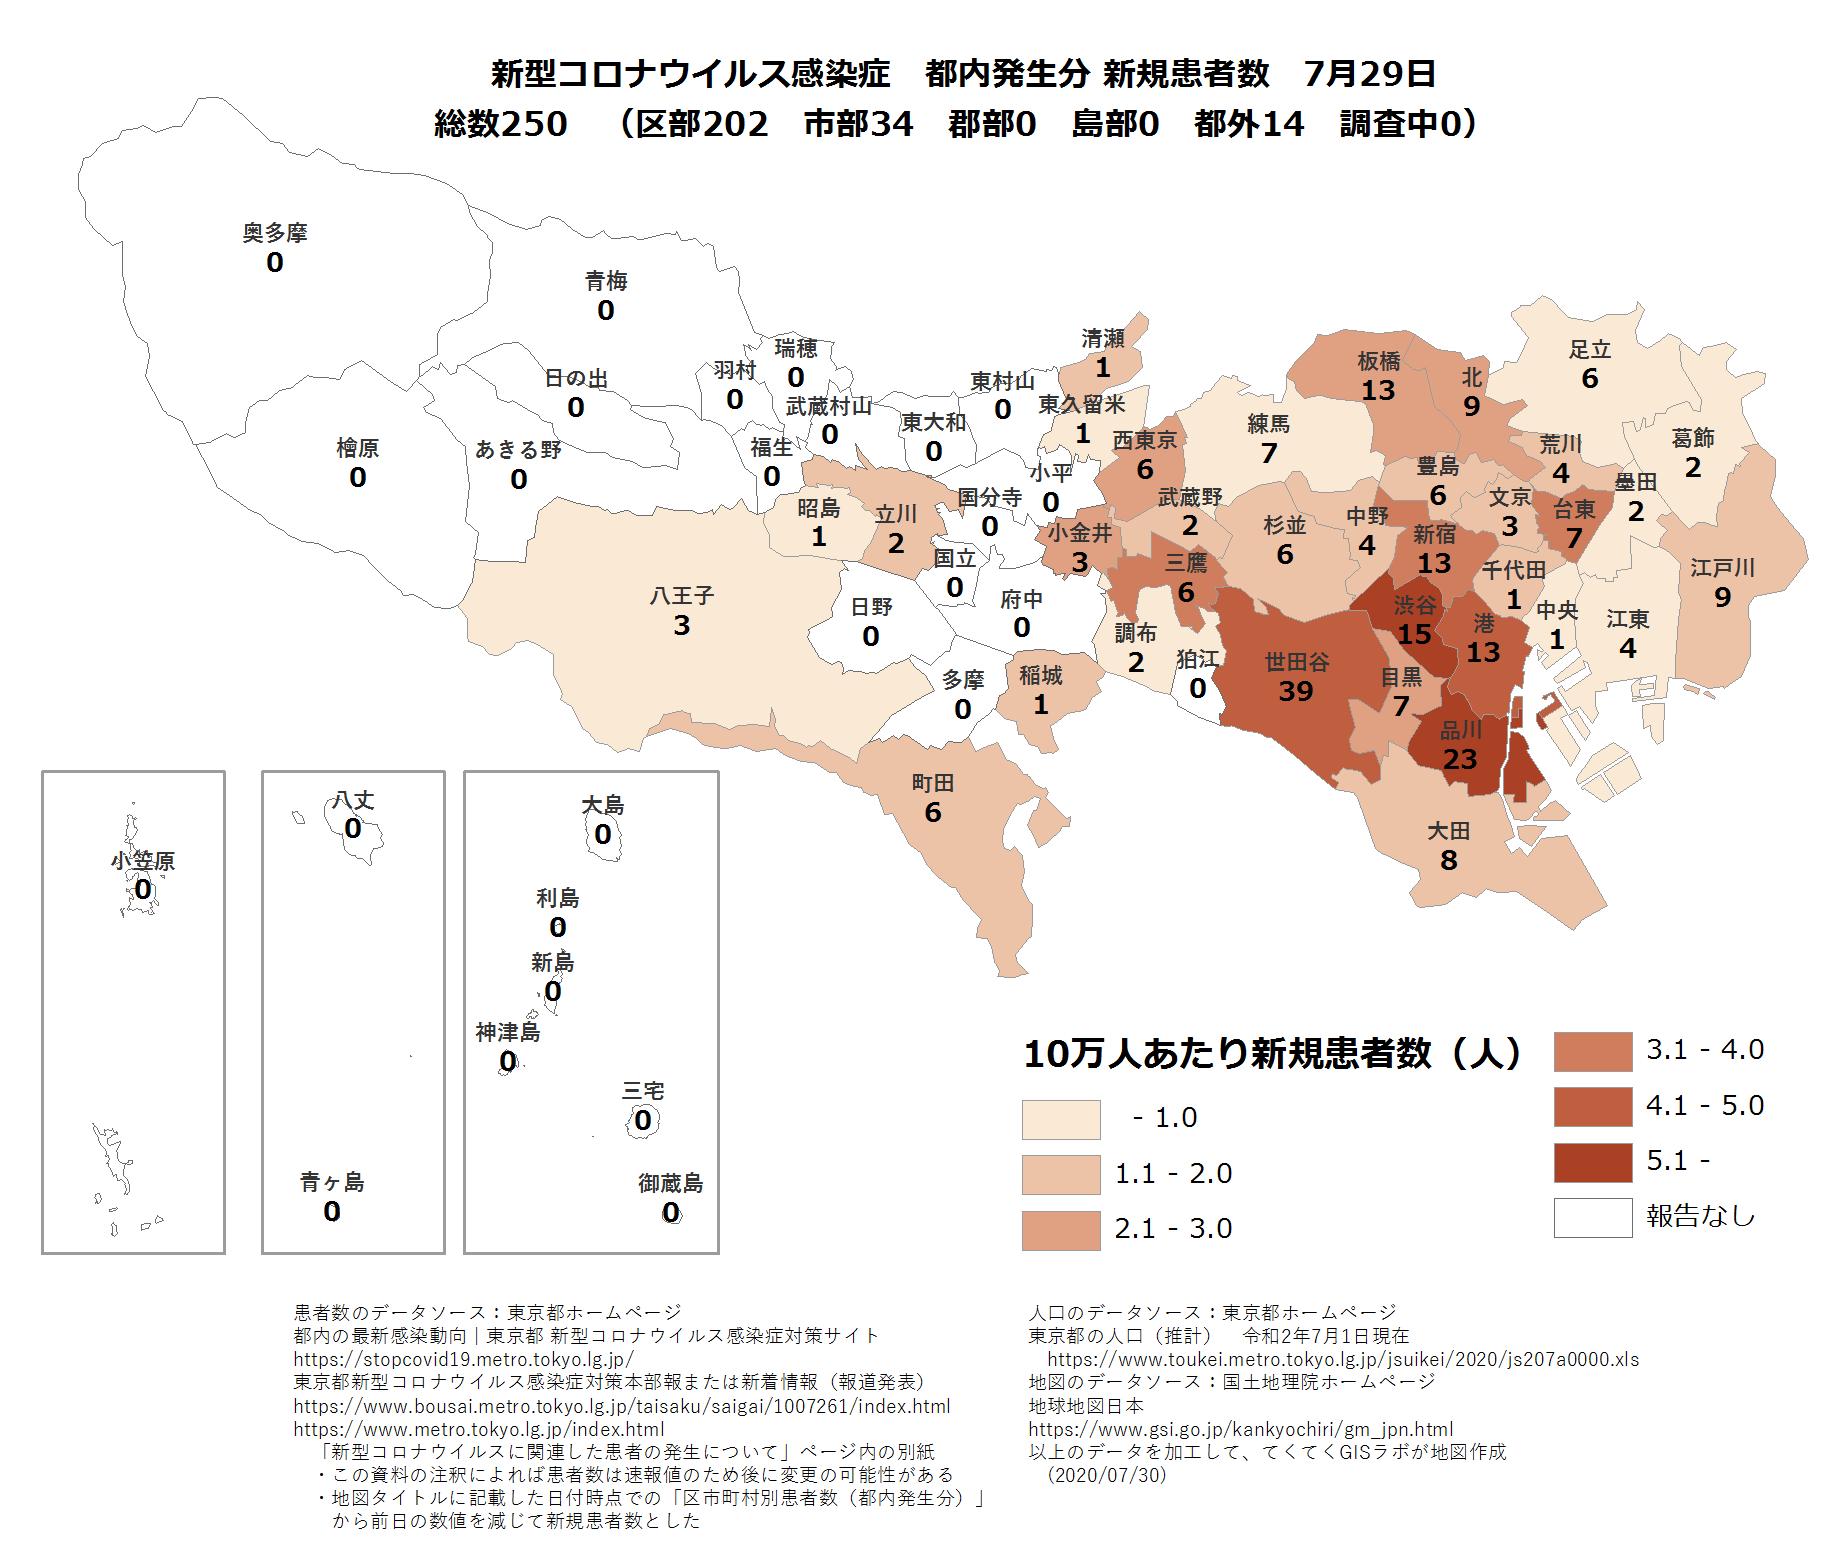 市区町村ごと新規患者数7月29日東京